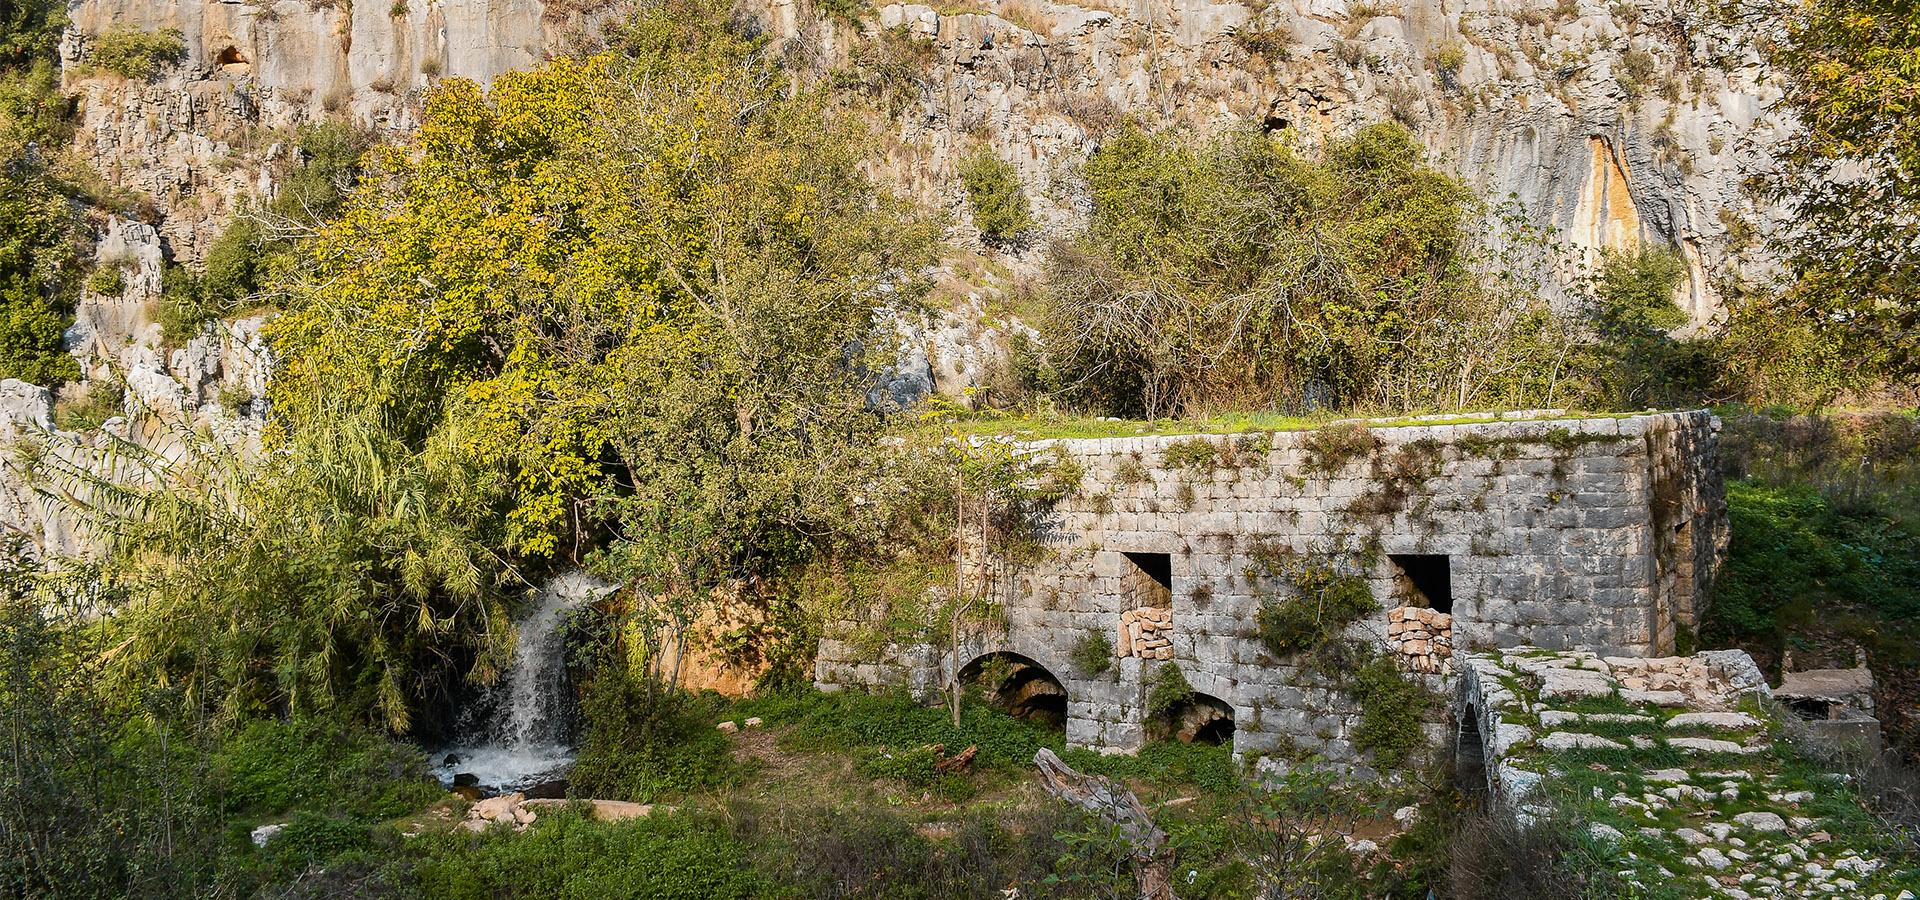 Meilha Trail Image Credits Mario Fares